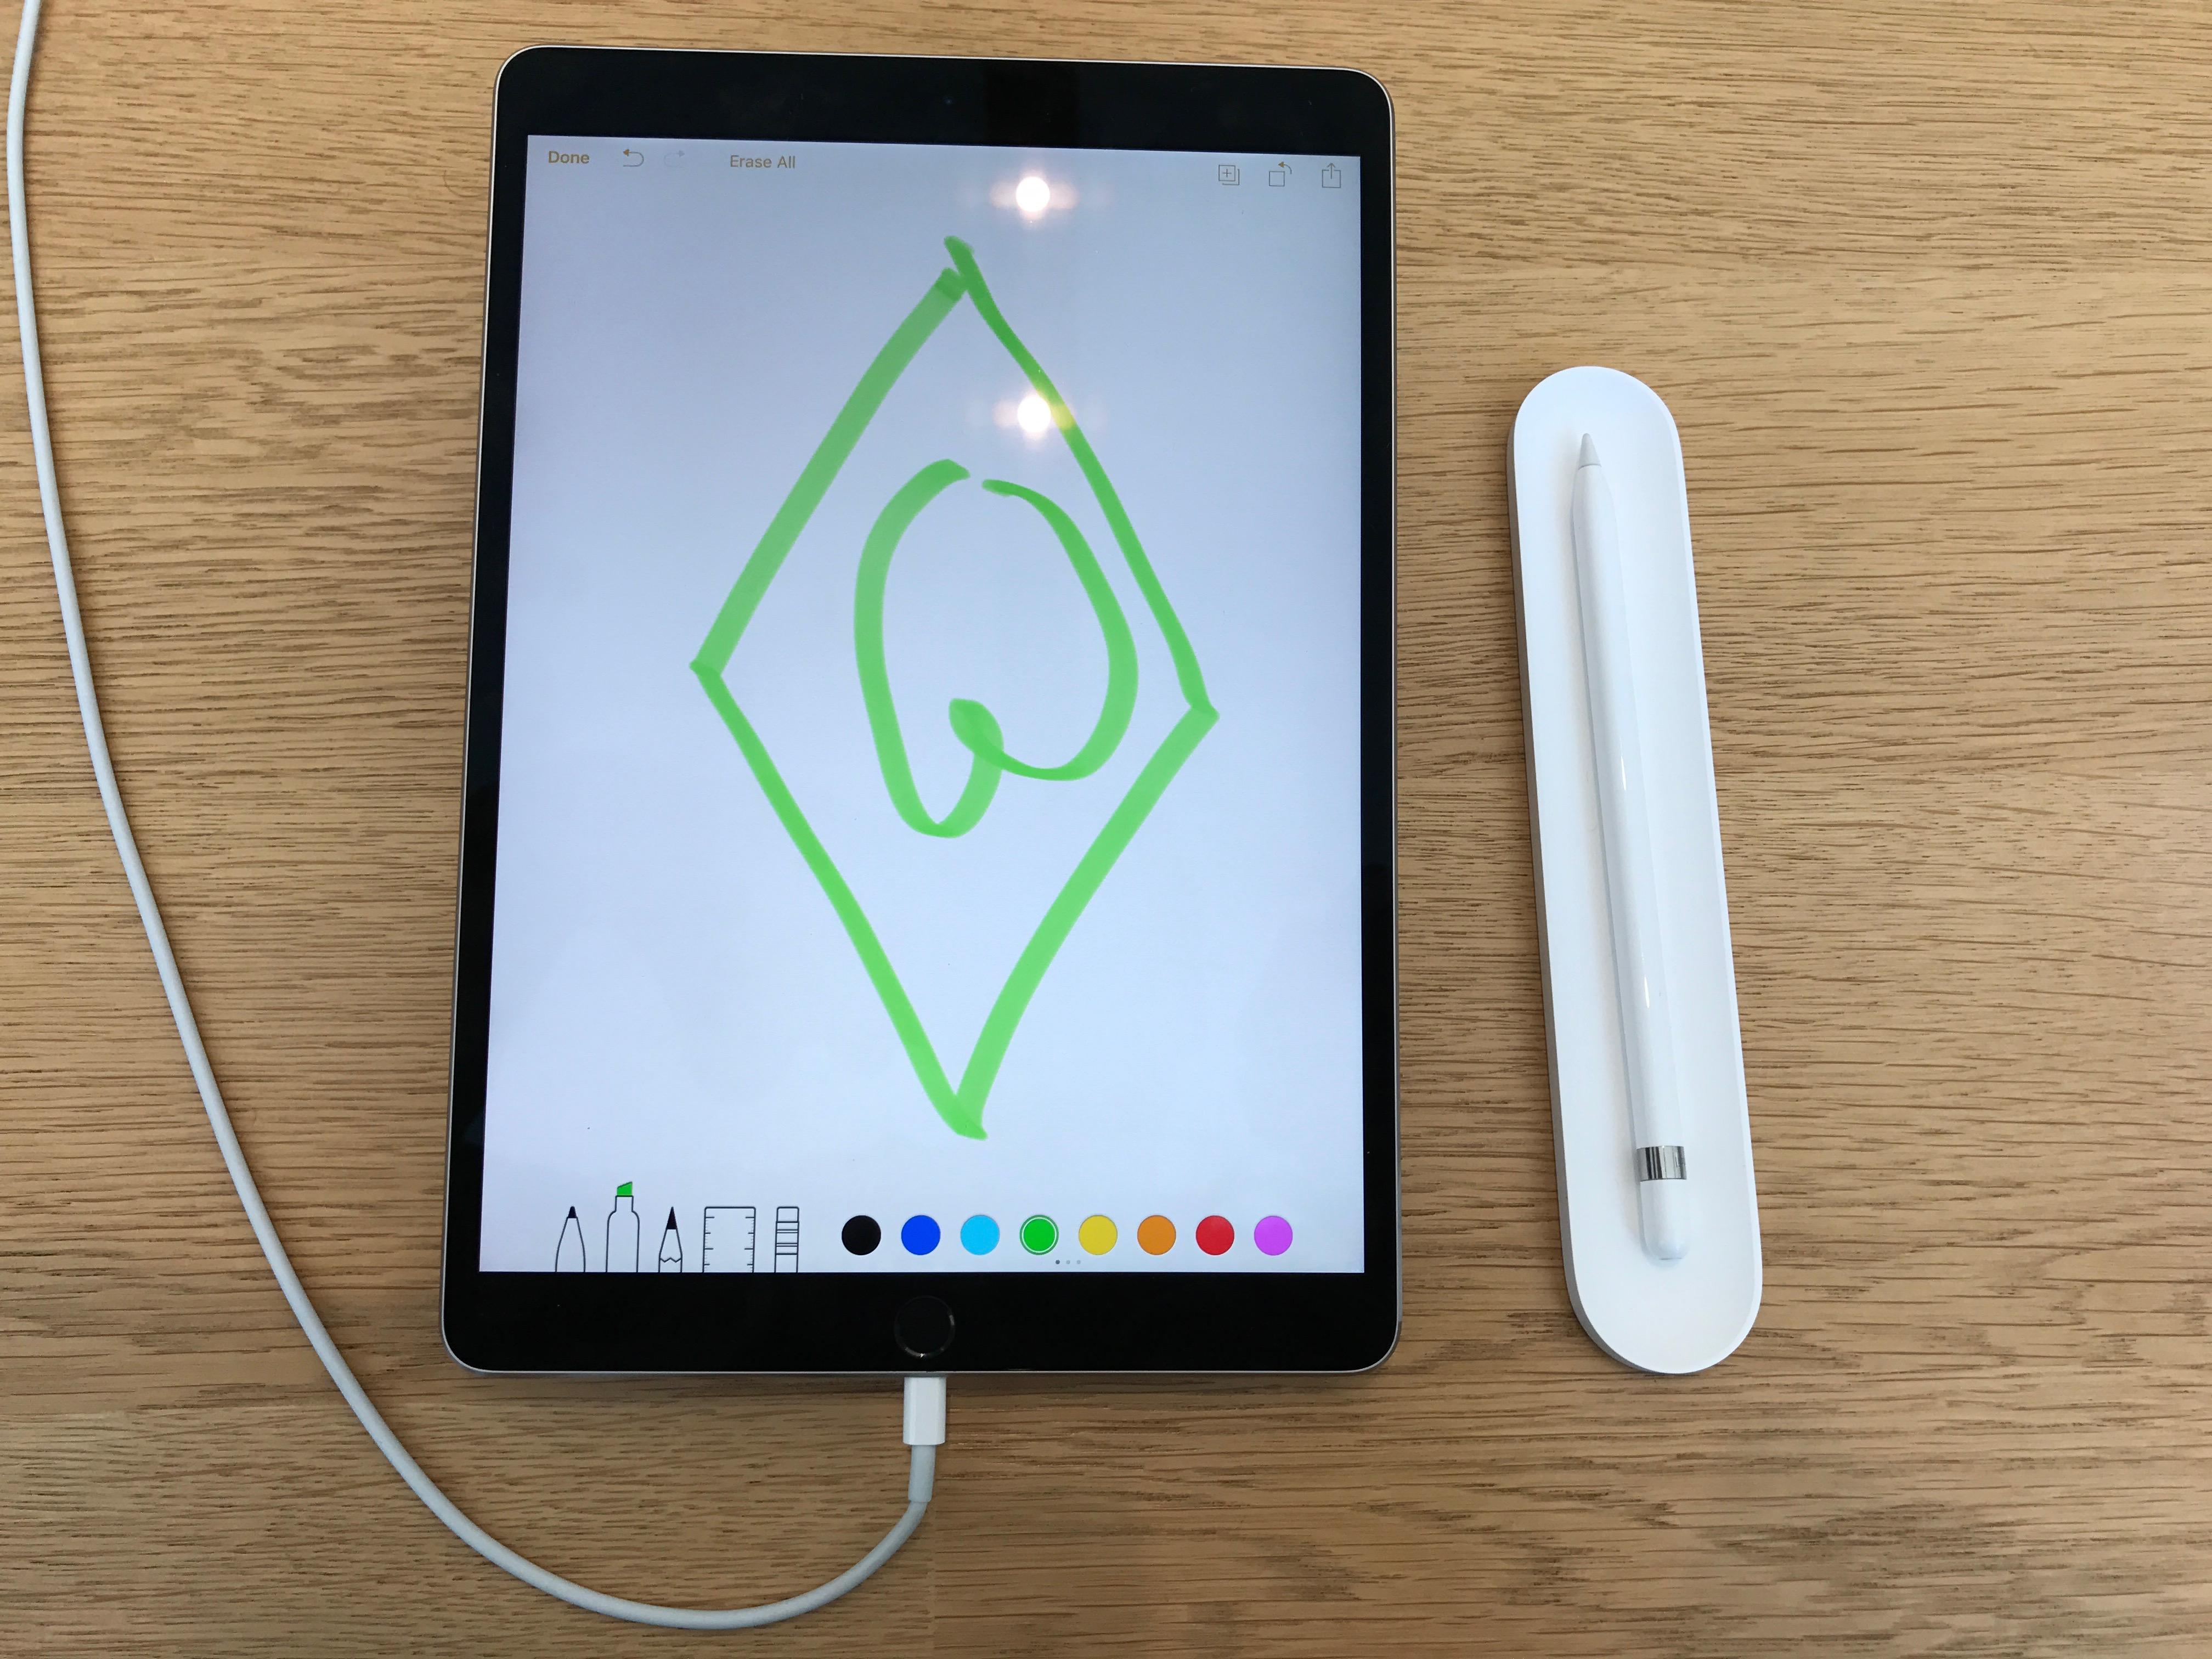 Das neue iPad kann was. Zum Beispiel das Werder-Logo anzeigen.